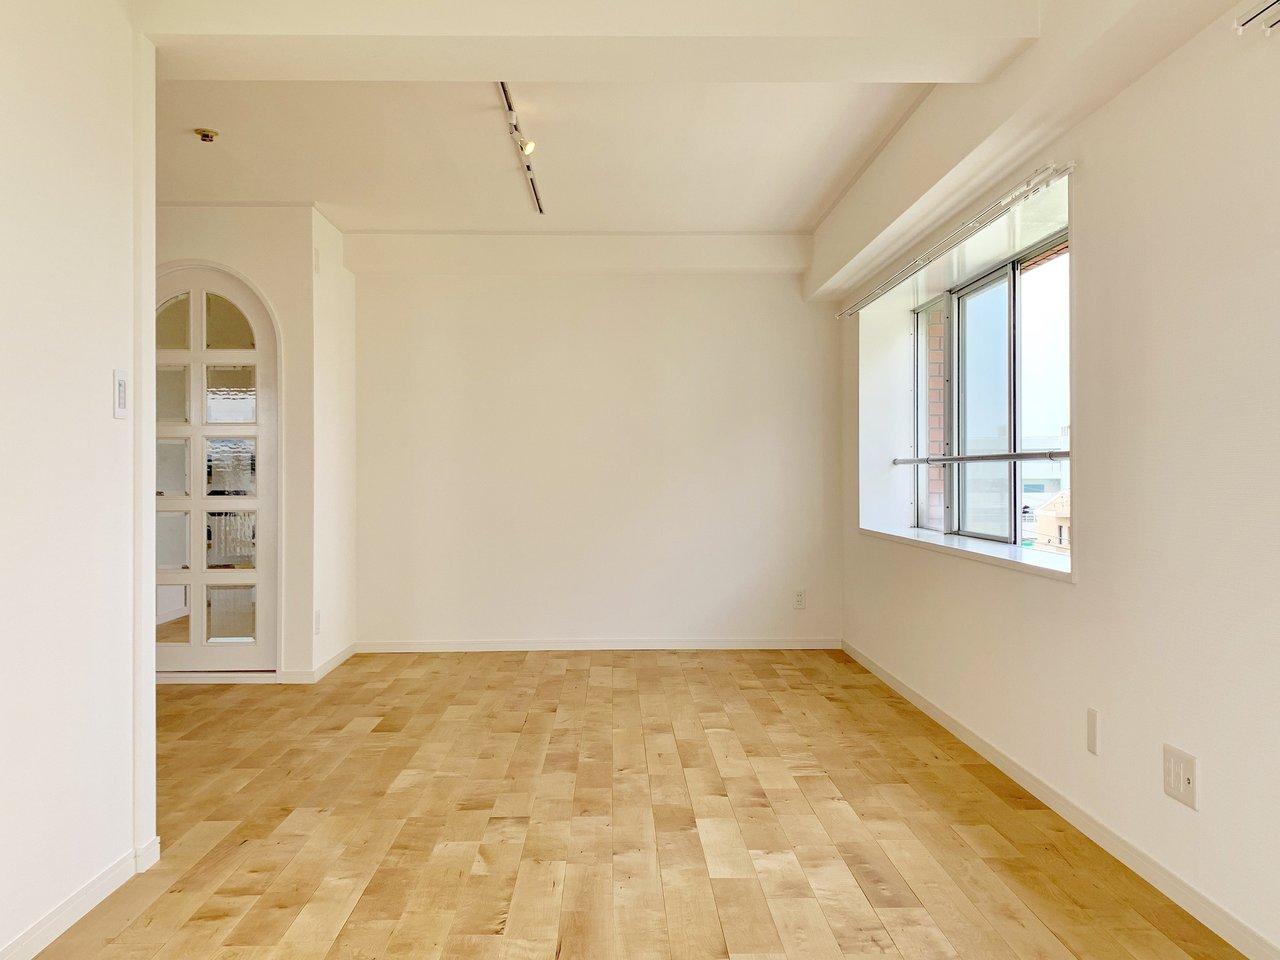 続いては、goodroomのオリジナルリノベーション「TOMOS」のお部屋です。ひろーいリビングは、18畳。窓もたくさんあって、明るい空間。TOMOSのこだわりである「床」はパーチの無垢床を採用しました。